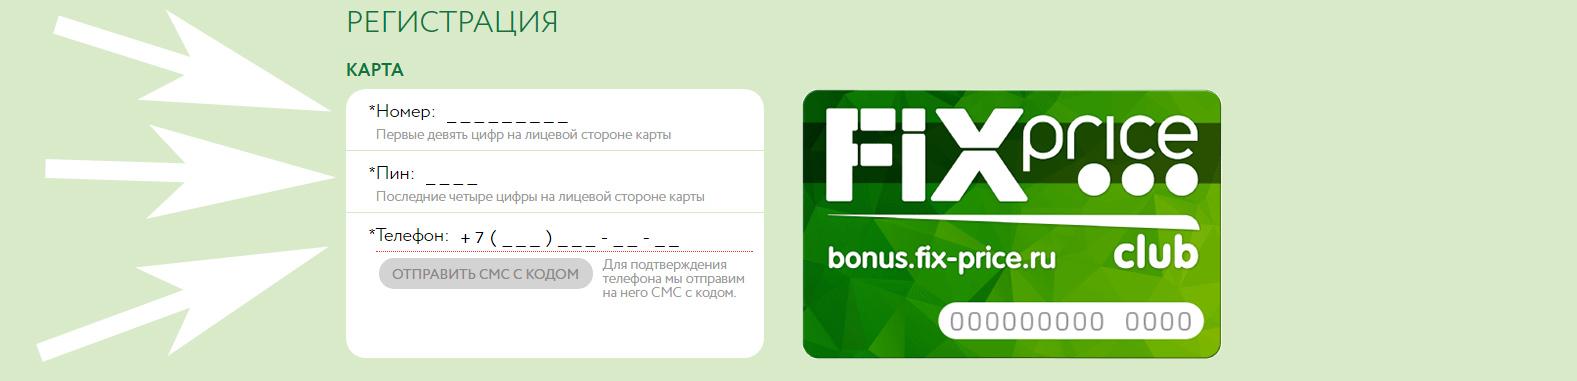 Bonus Fix Price RU регистрация бонусной карты по номеру карты